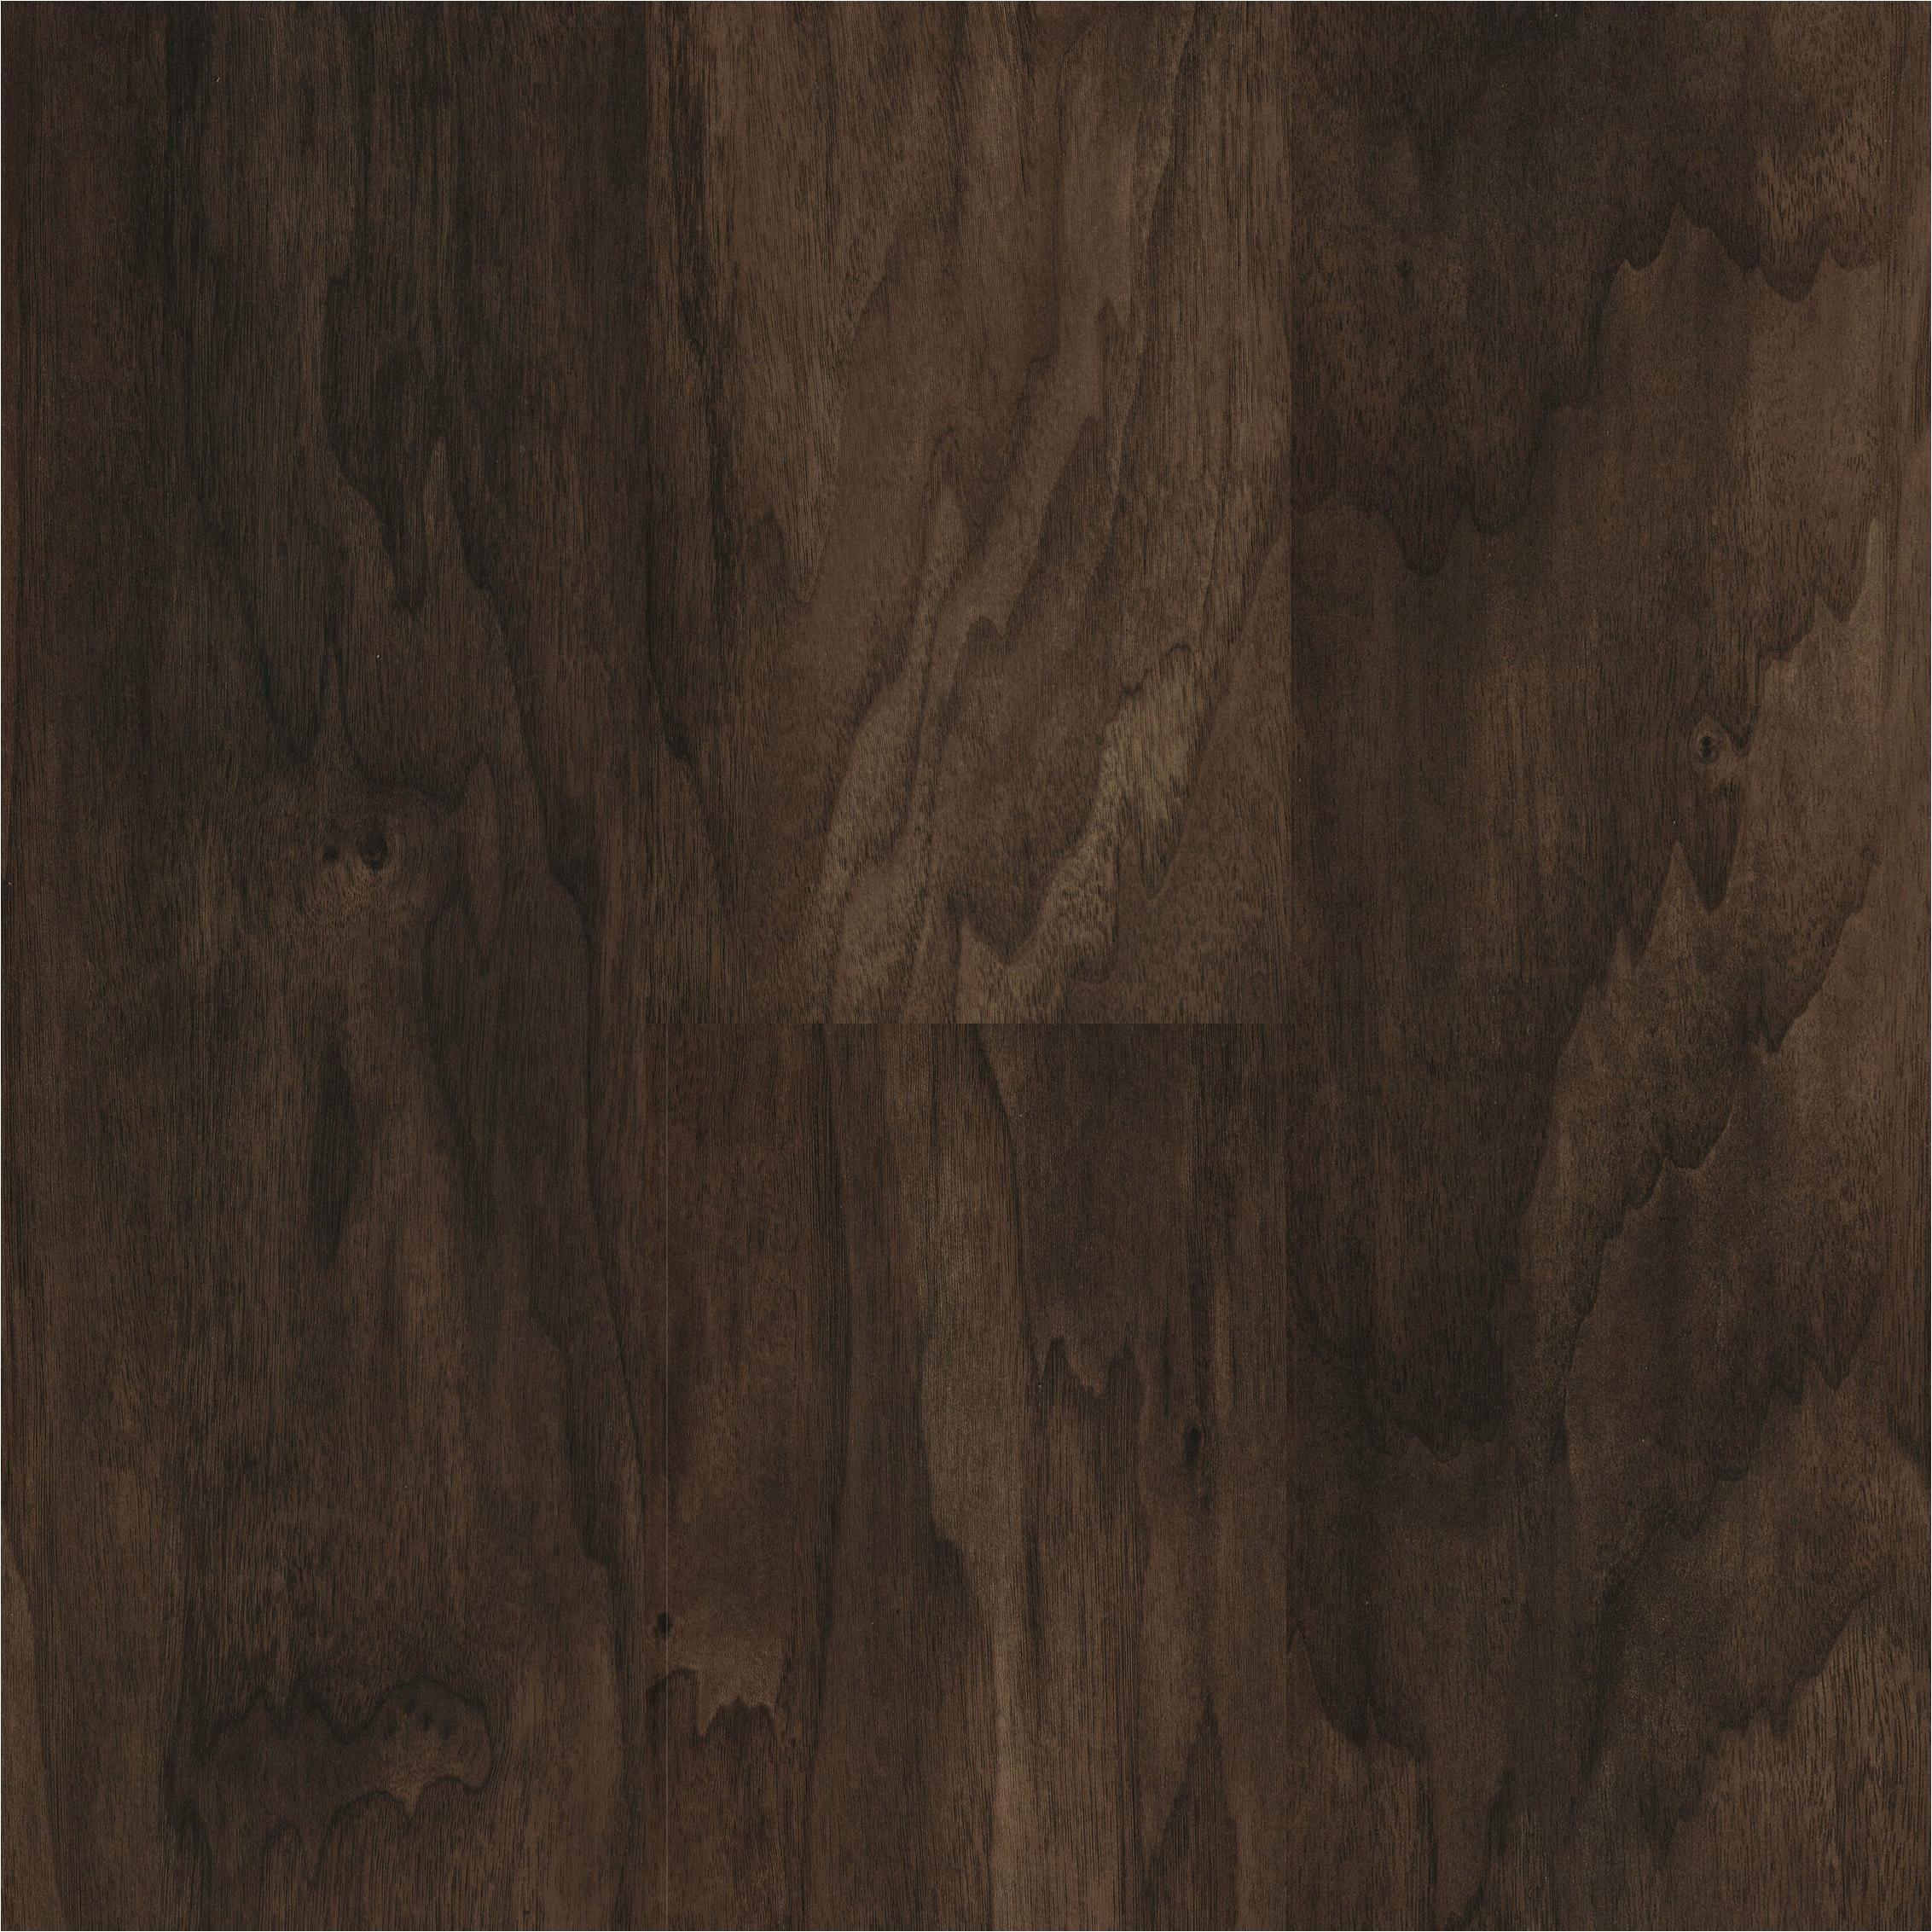 ivc moduleo horizon walnut 7 56 luxury vinyl plank flooring